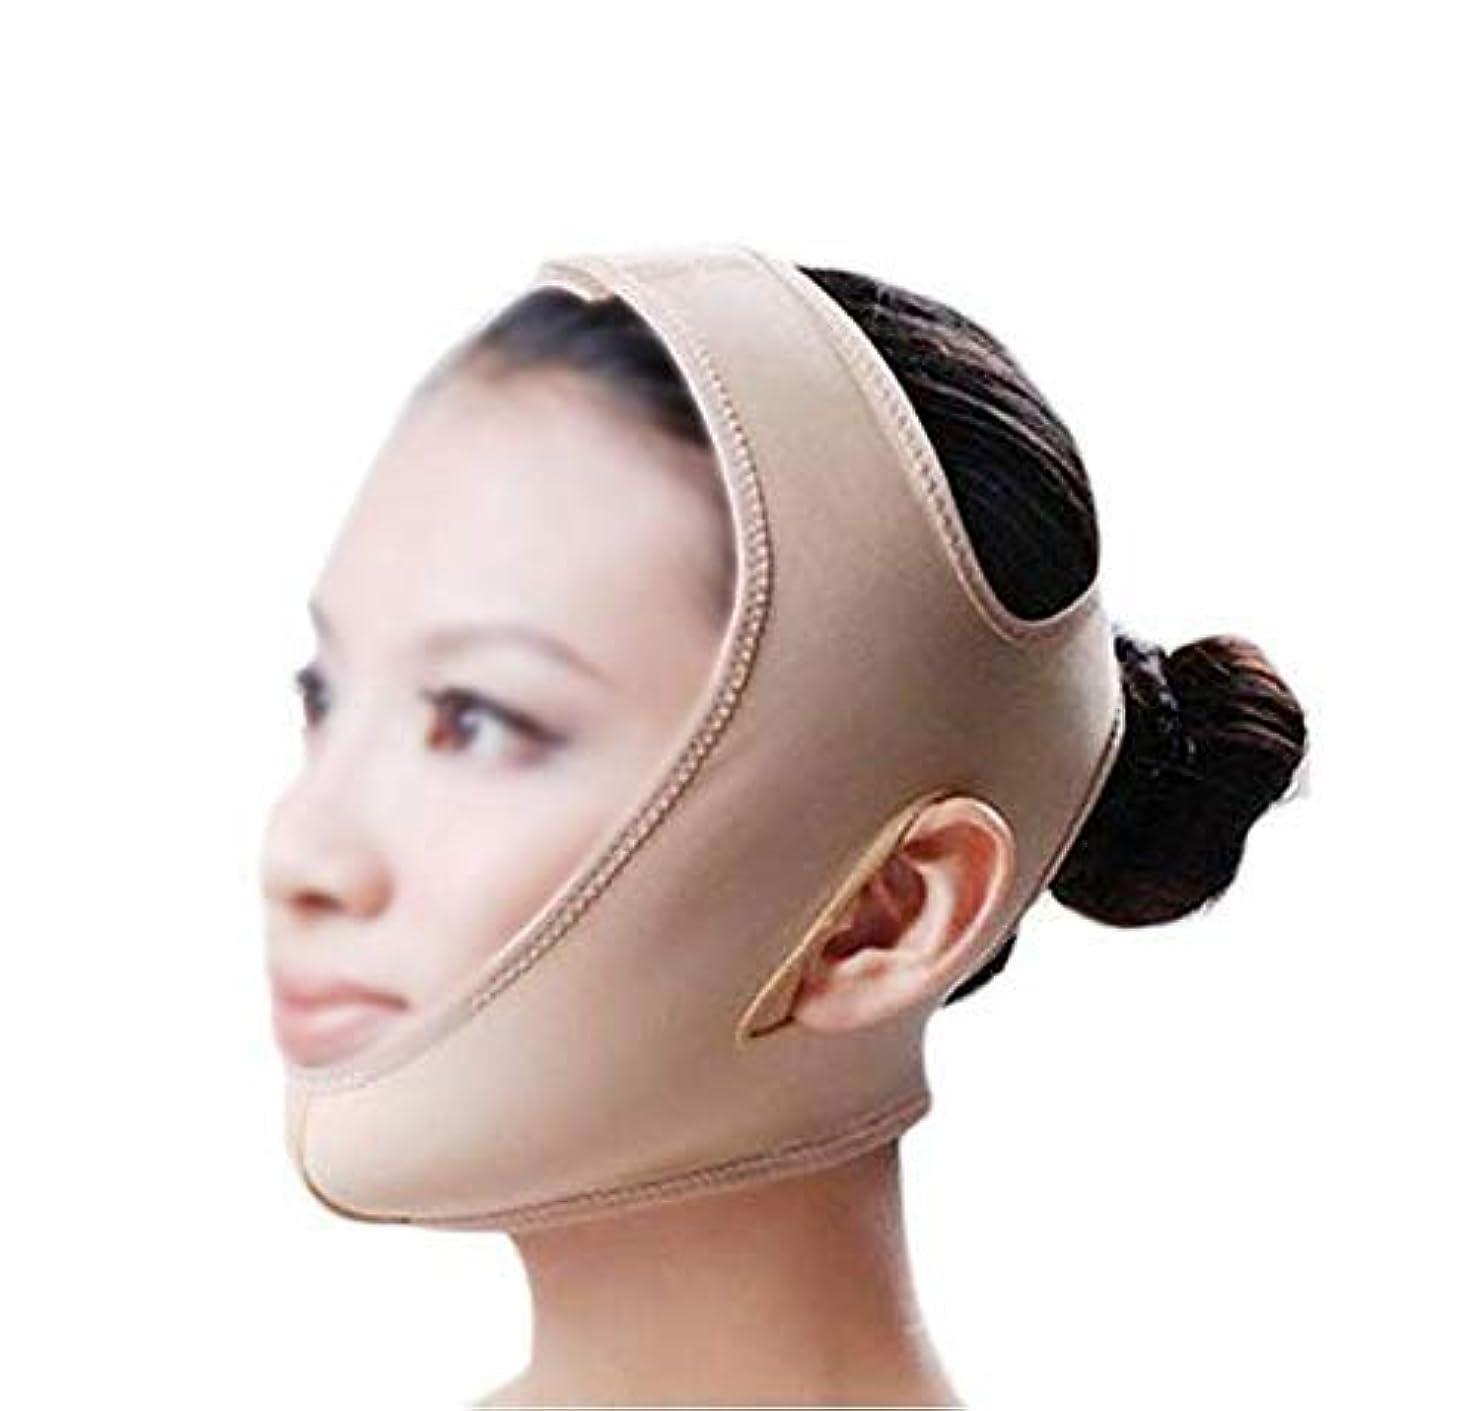 支援する損傷ミュウミュウファーミングフェイスマスク、マスクフェイスマスク美容医学フェイスマスク美容Vフェイス包帯ライン彫刻リフティングファーミングダブルチンマスク(サイズ:S),Xl